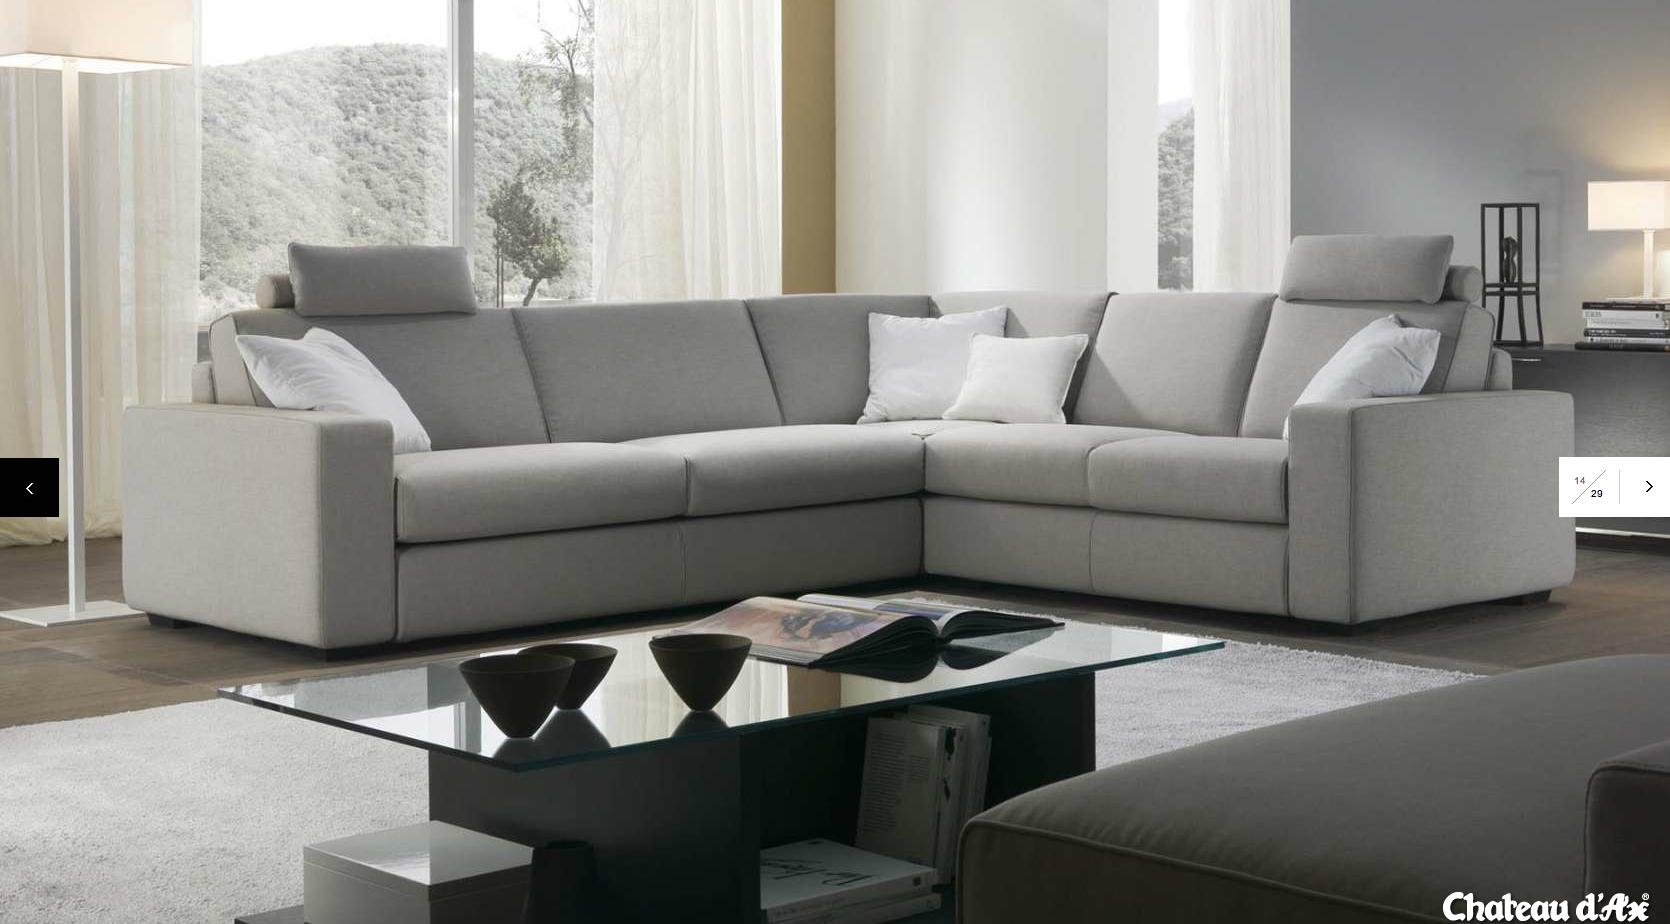 Salotti Chateau D Ax.Chateau Dax Chateau D Ax Home Decor Sofa Furniture